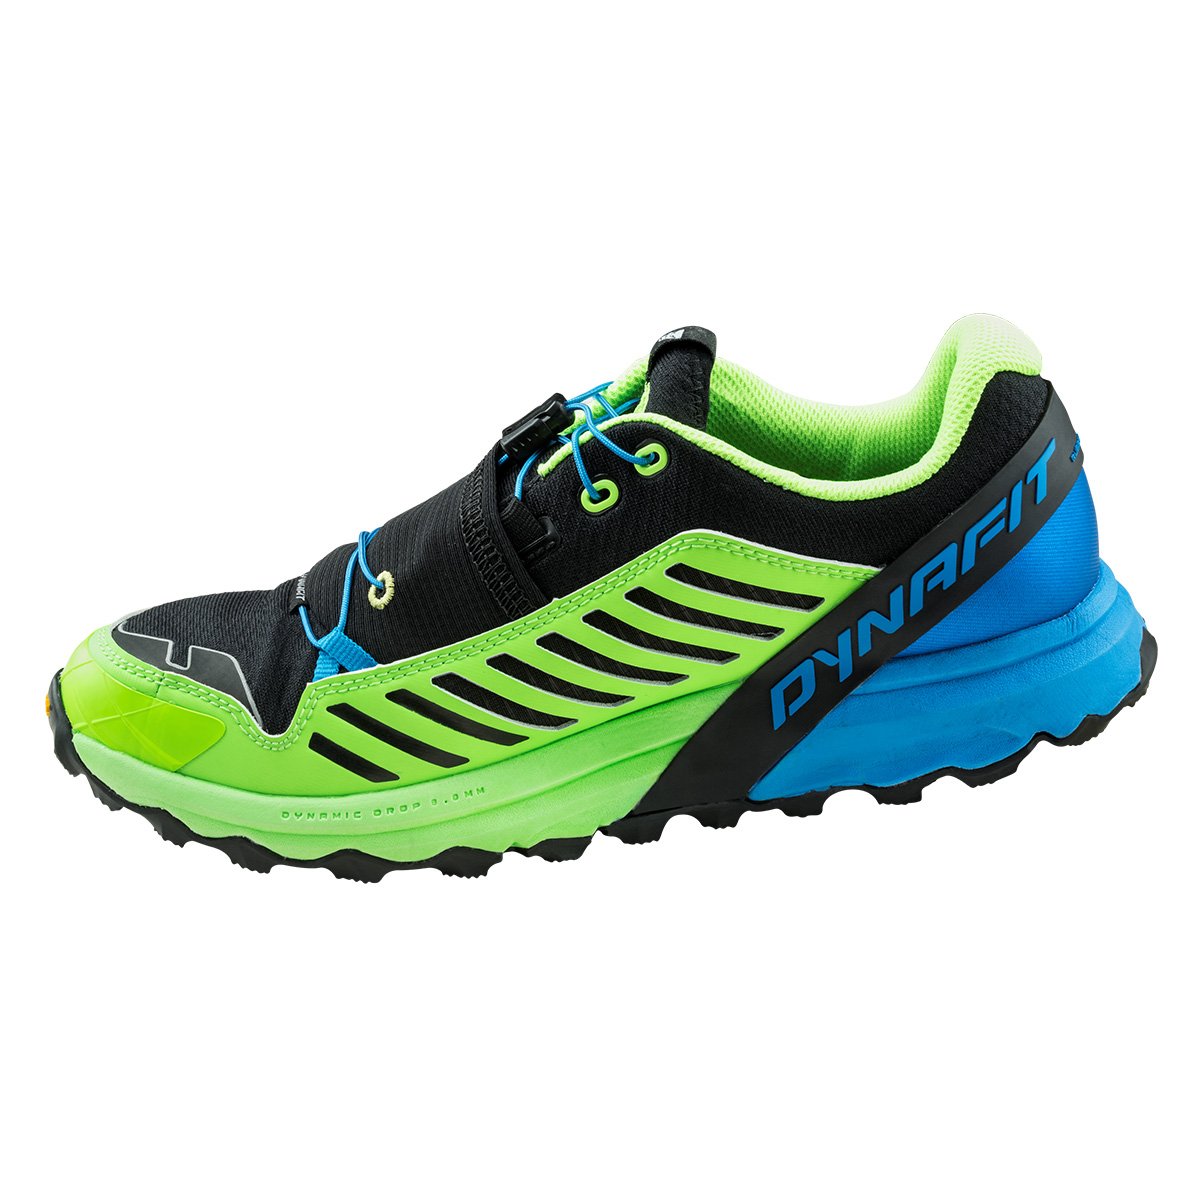 dynafit alpine pro men trail running shoes epictv shop. Black Bedroom Furniture Sets. Home Design Ideas